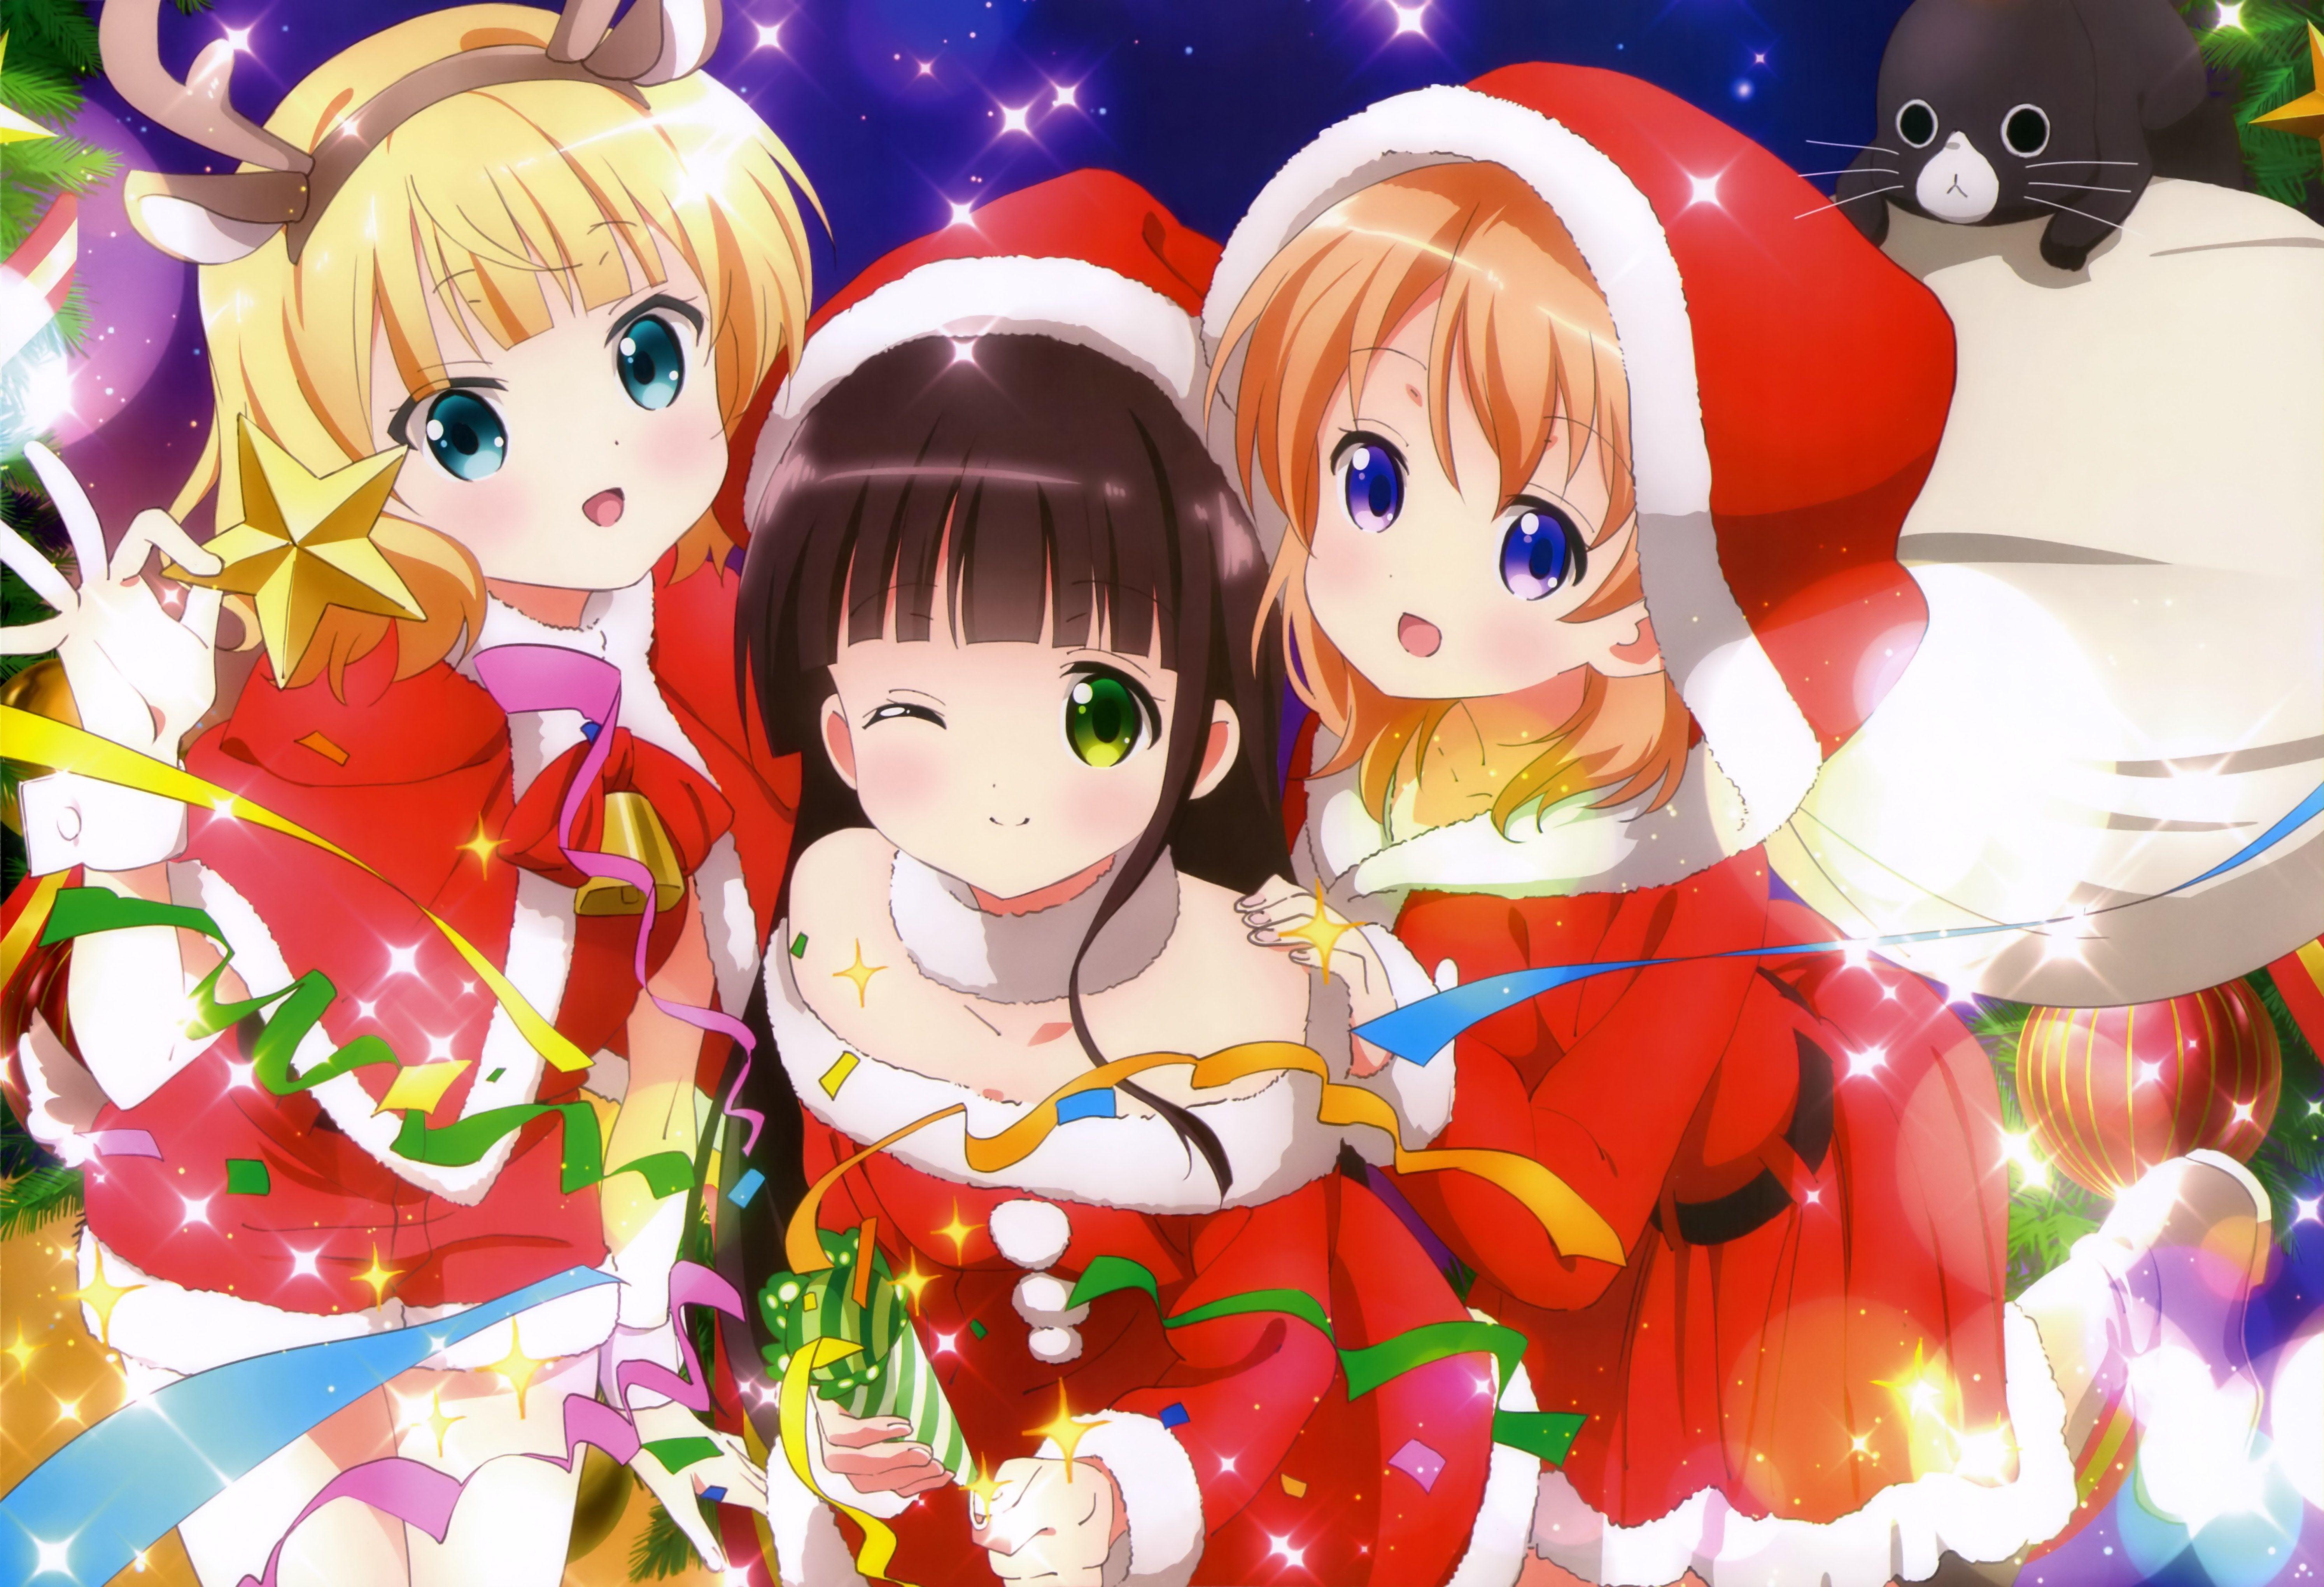 5975x4080 Free Screensaver Wallpapers For Is The Order A Rabbit Anime Anime Christmas Kawaii Anime